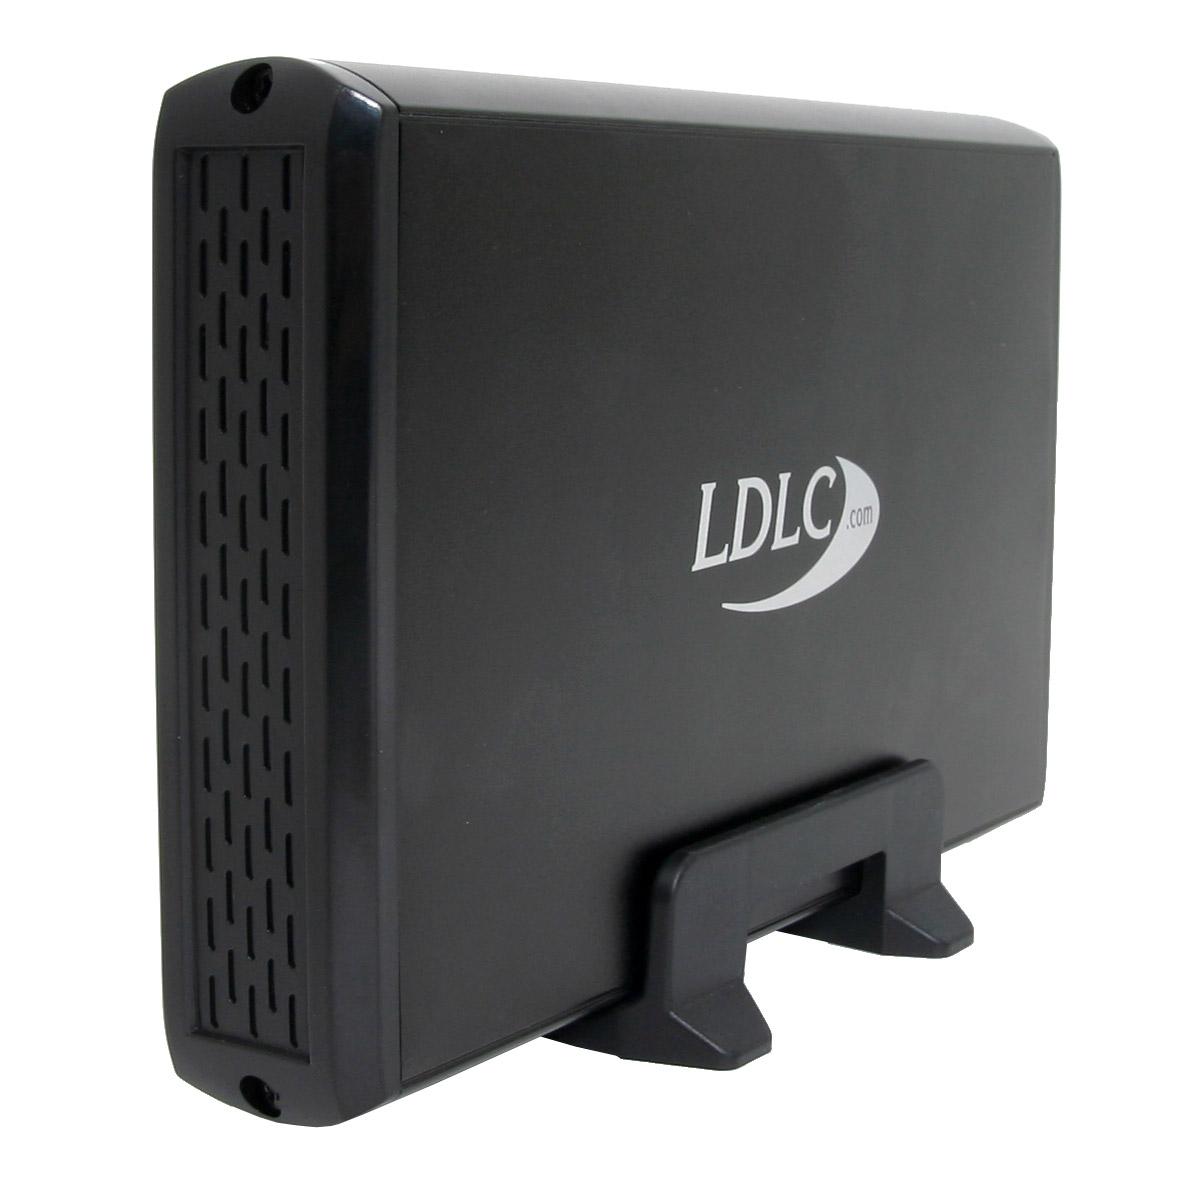 """Disque dur externe LDLC Disque dur externe 500 Go 3.5"""" (USB 3.0) (délai supplémentaire 1-3j pour montage)"""